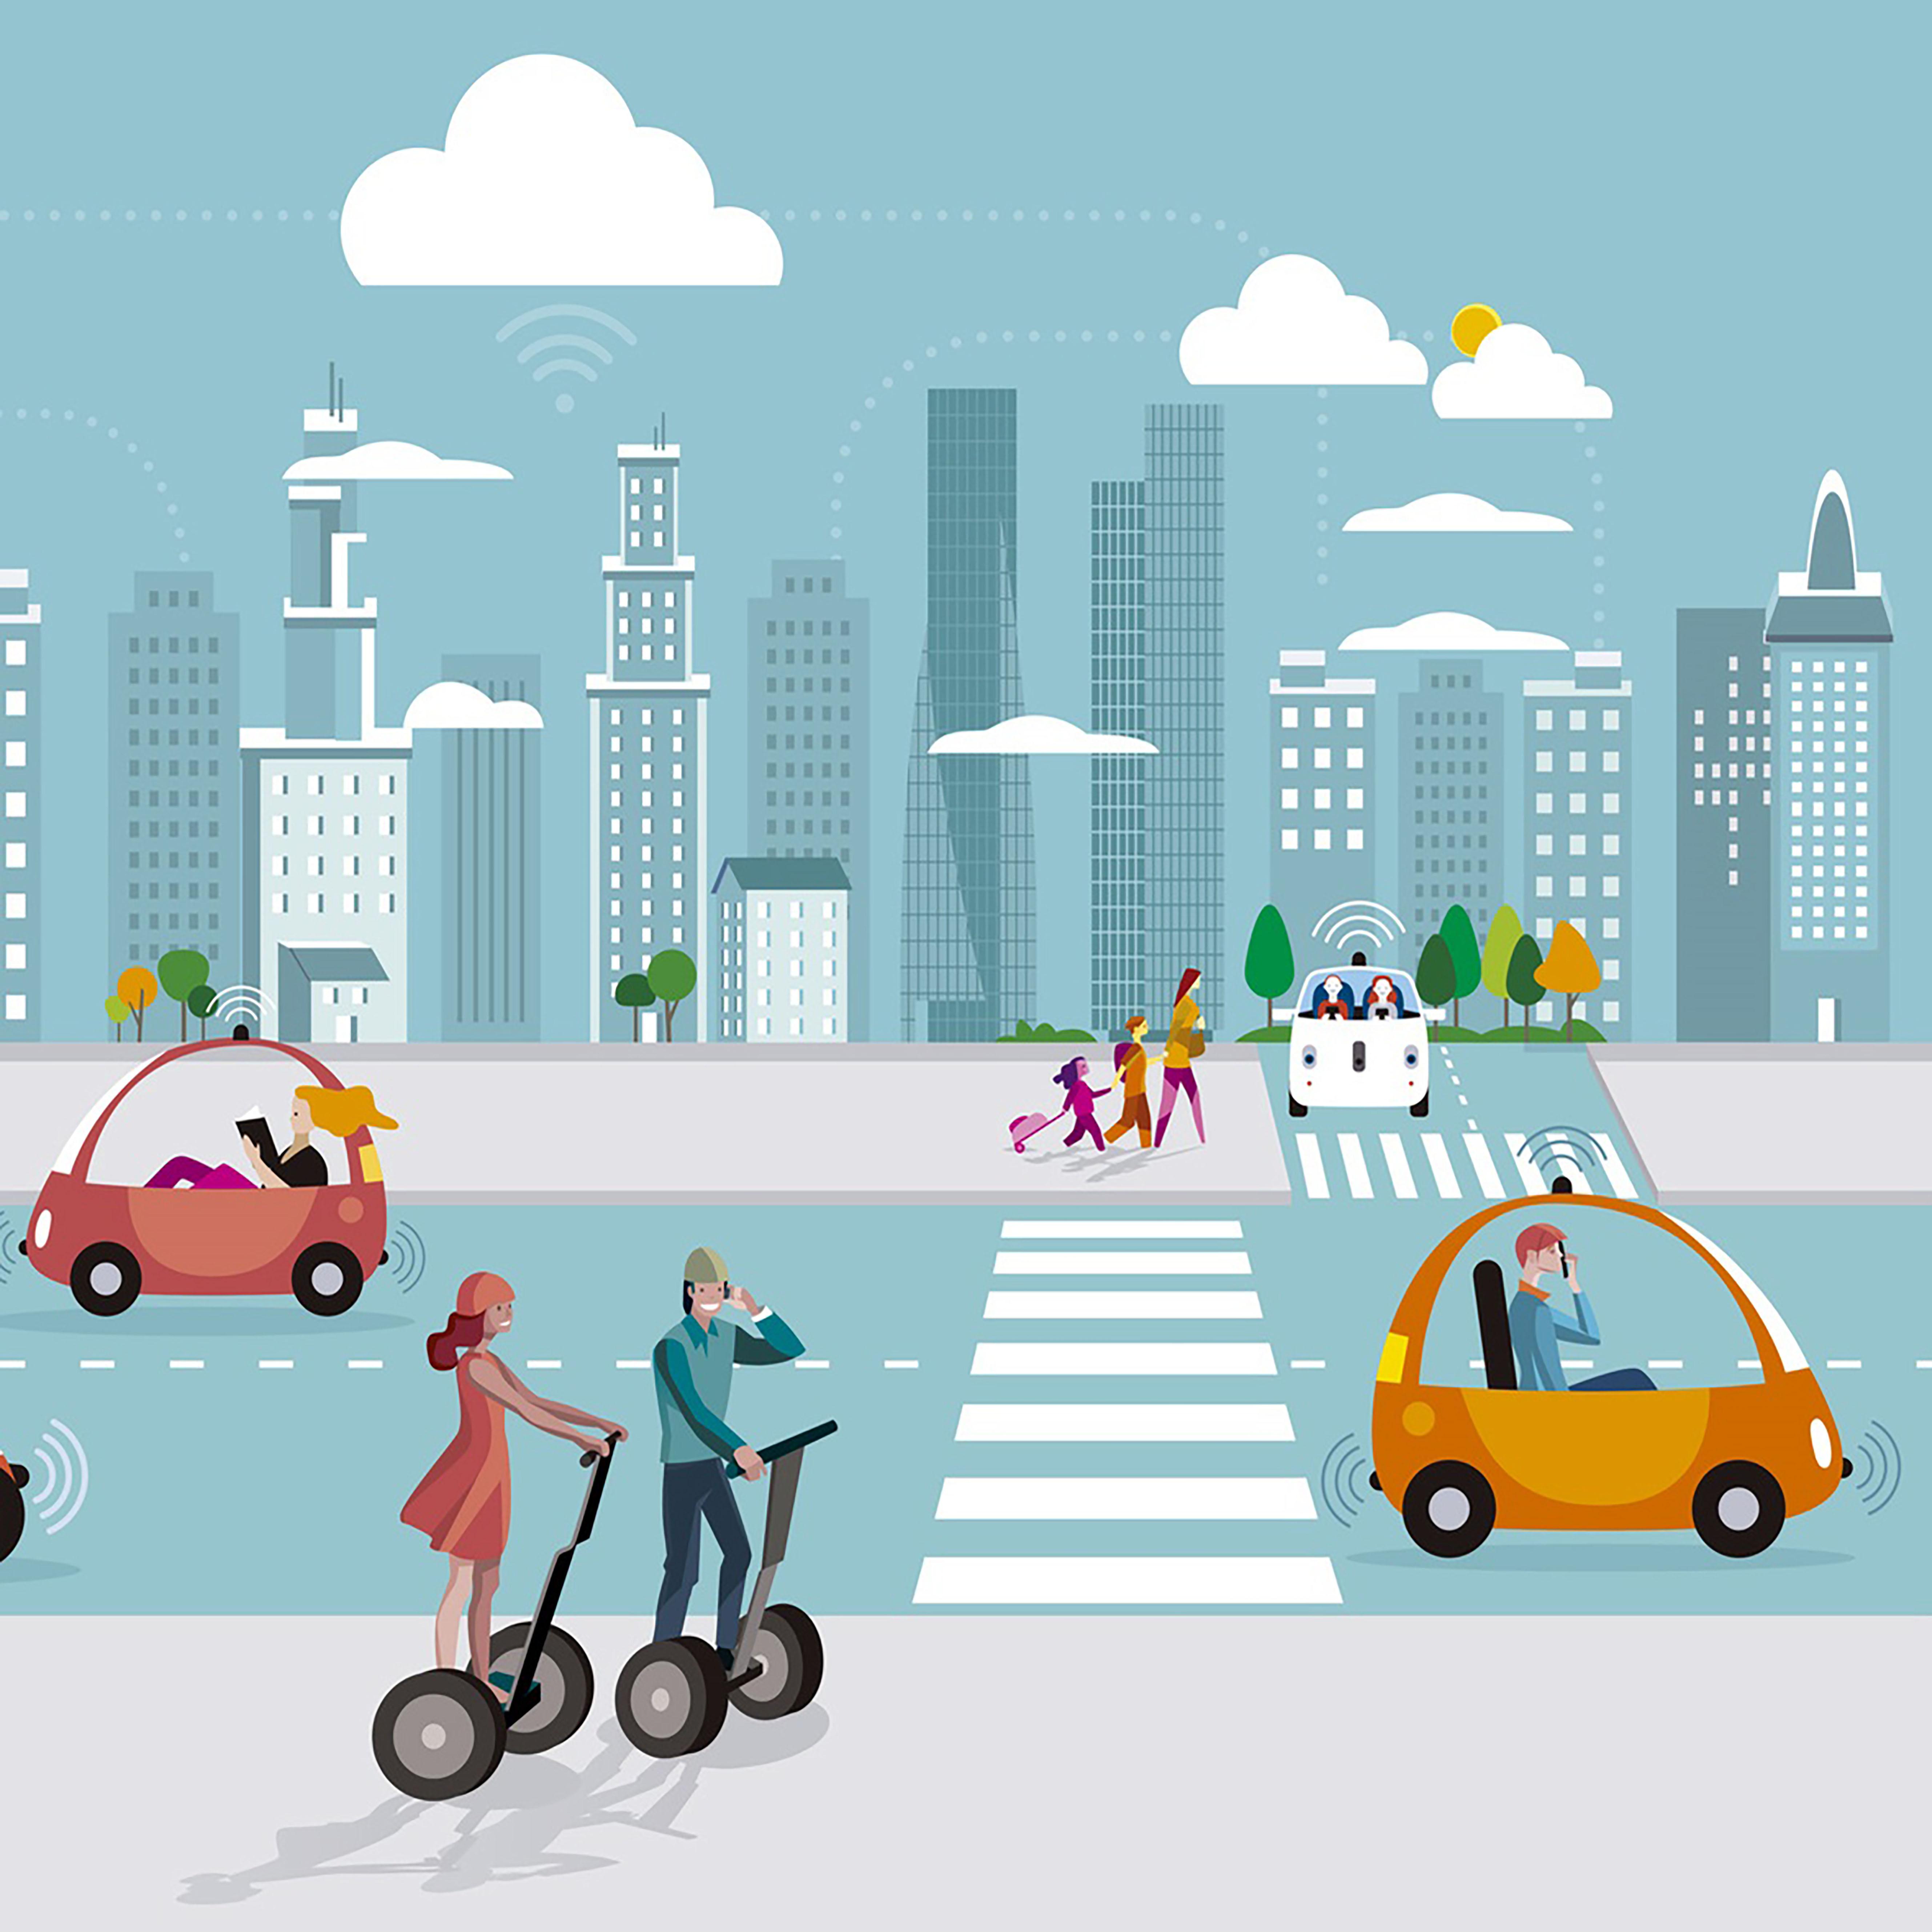 【飛躍14号】自動車産業で今後起こるDisruptiveな革新とシンガポールのポテンシャル